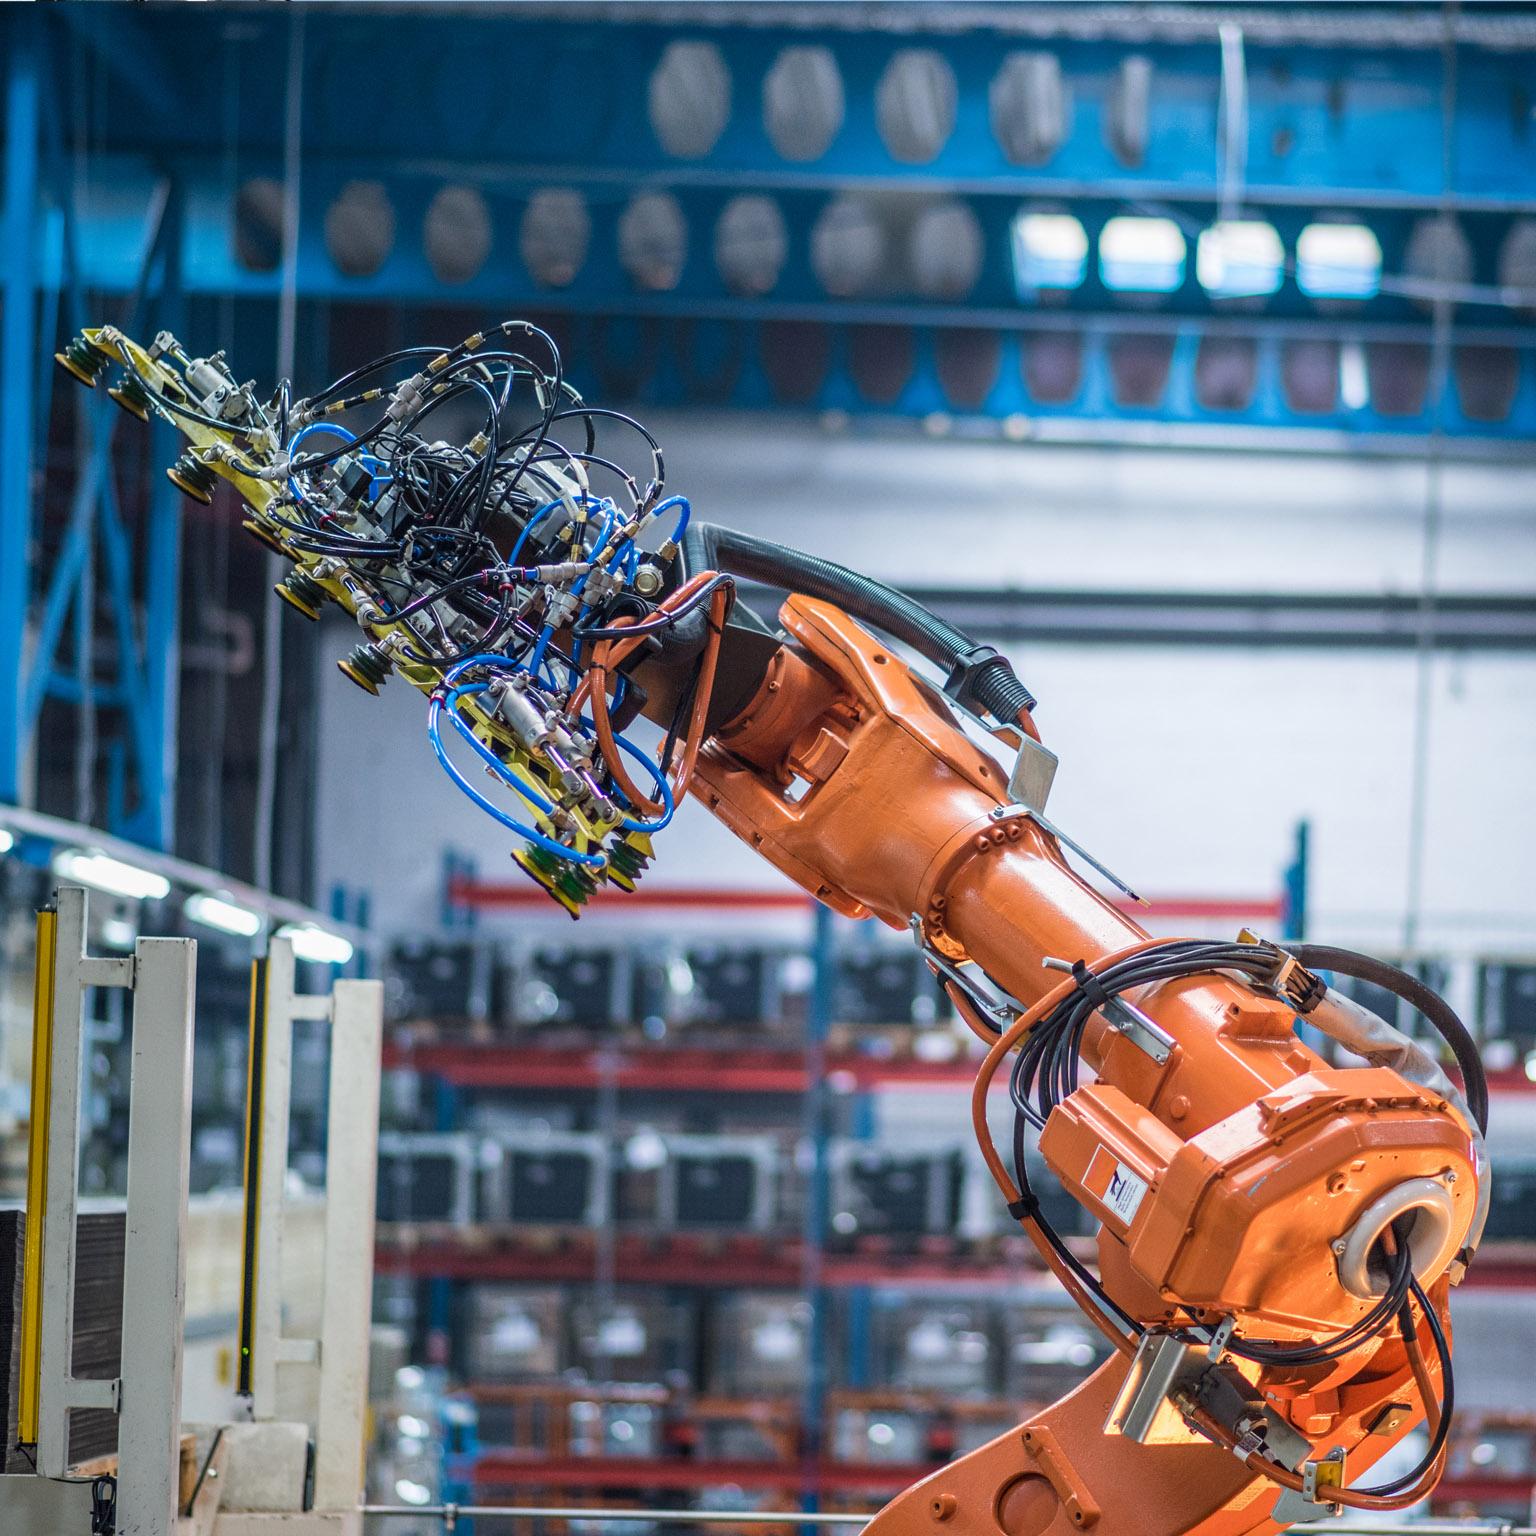 安森美半导体高能效方案赋能机器人创新,助力工业自动化升级